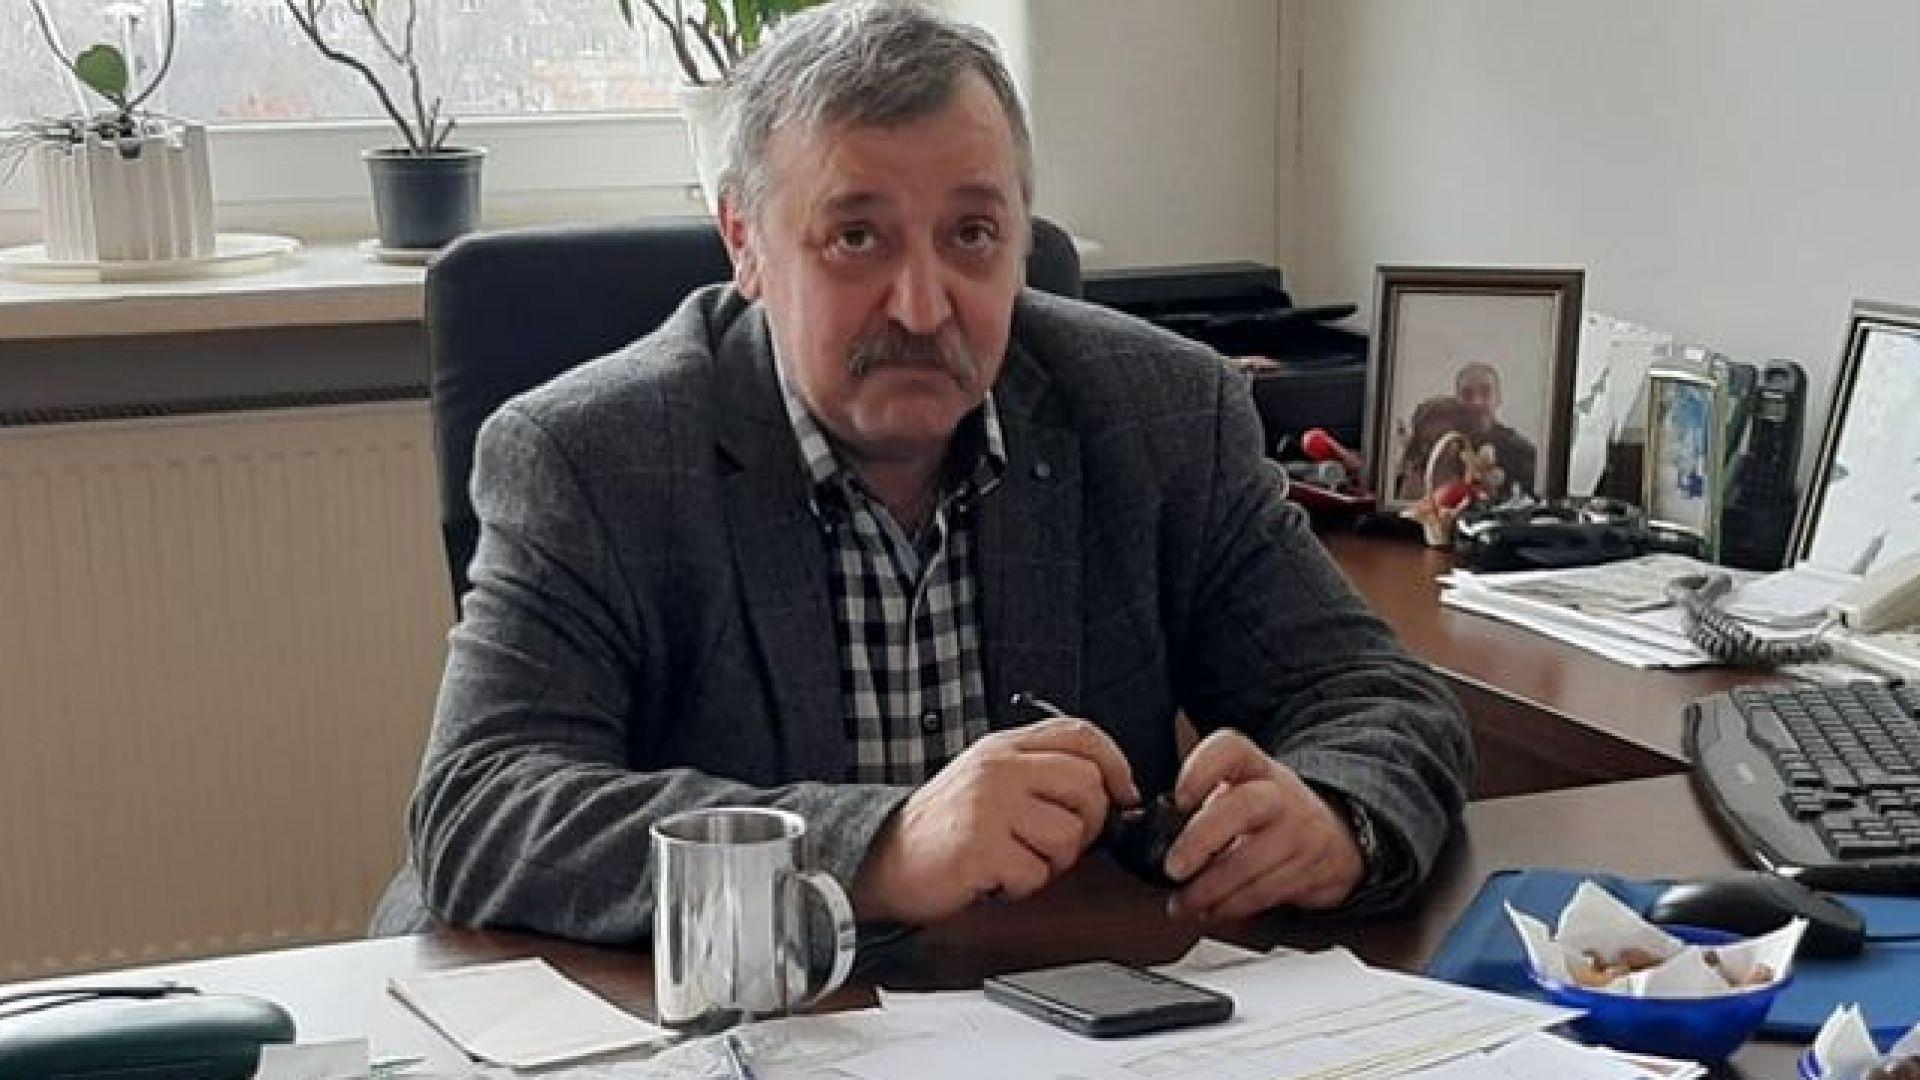 Проф. Кантарджиев:  Заплатата ми е 3700 лева, не съм взимал 35 000 от НОЩ